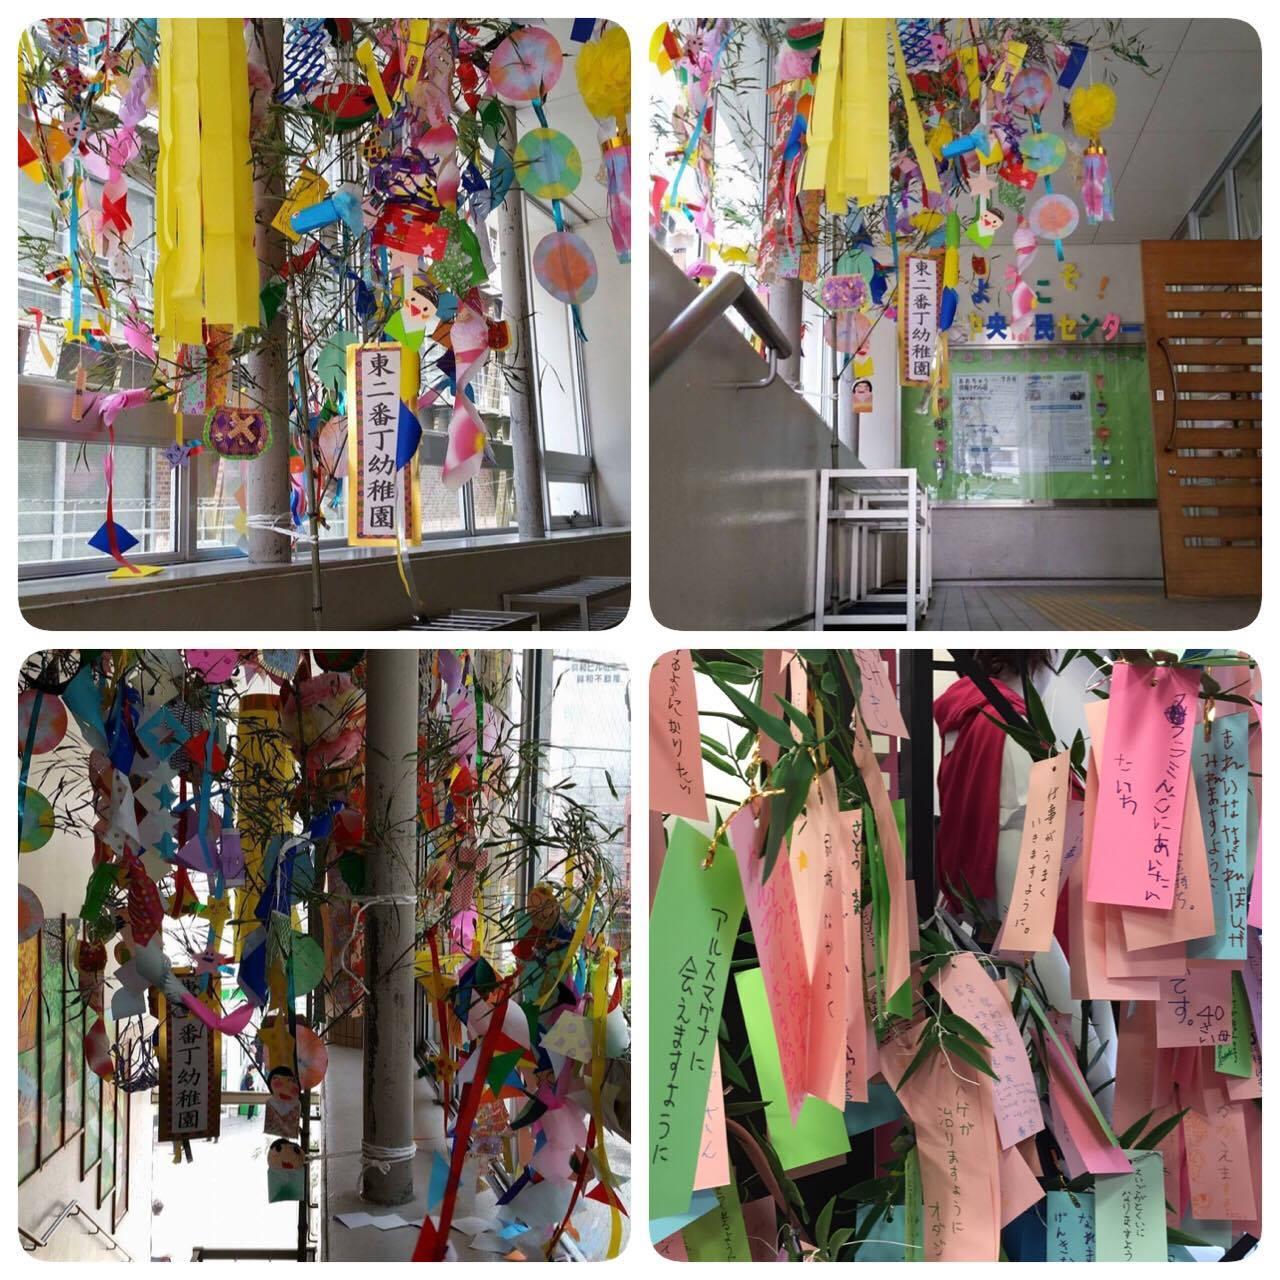 menulis impian semasa perayaan Tanabata di Jepun